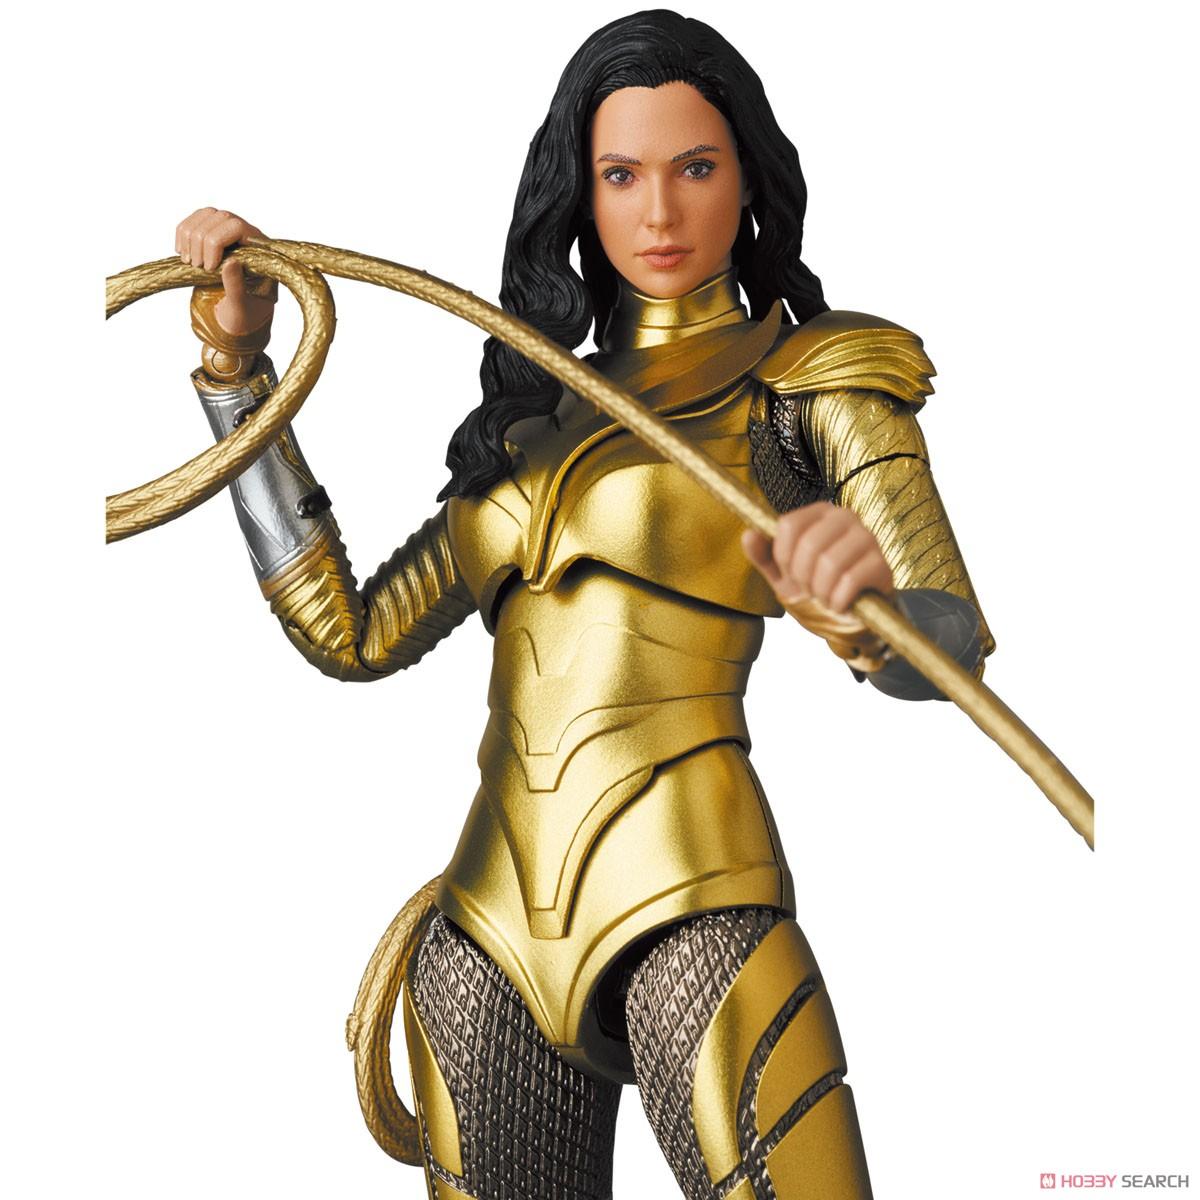 マフェックス No.148 MAFEX『ワンダーウーマン 1984 ゴールドアーマー版/WONDER WOMAN GOLDEN ARMOR Ver.』可動フィギュア-002